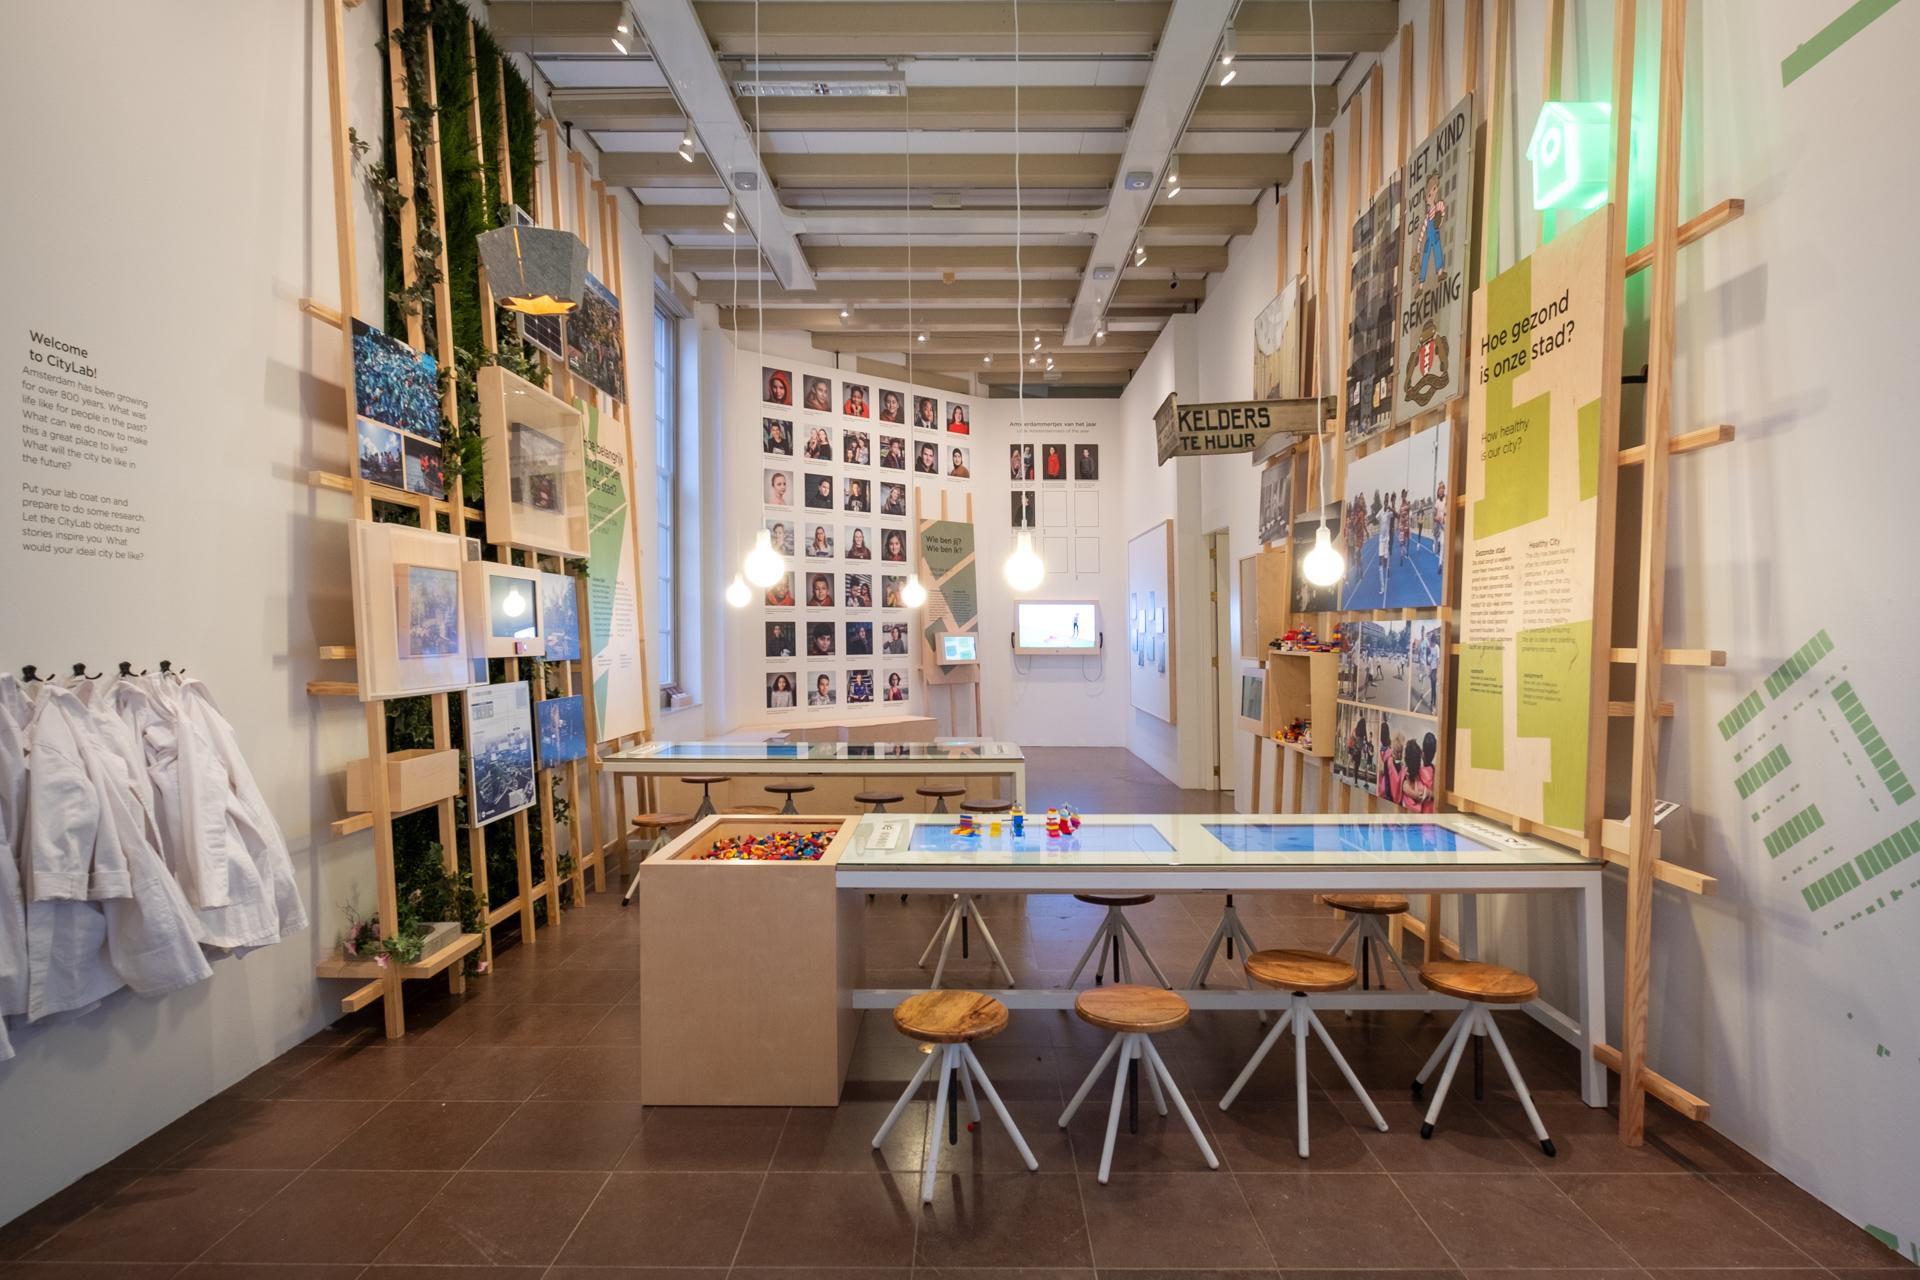 tentoonstellingsontwerp stadslab2 amsterdam museum 10 jpg